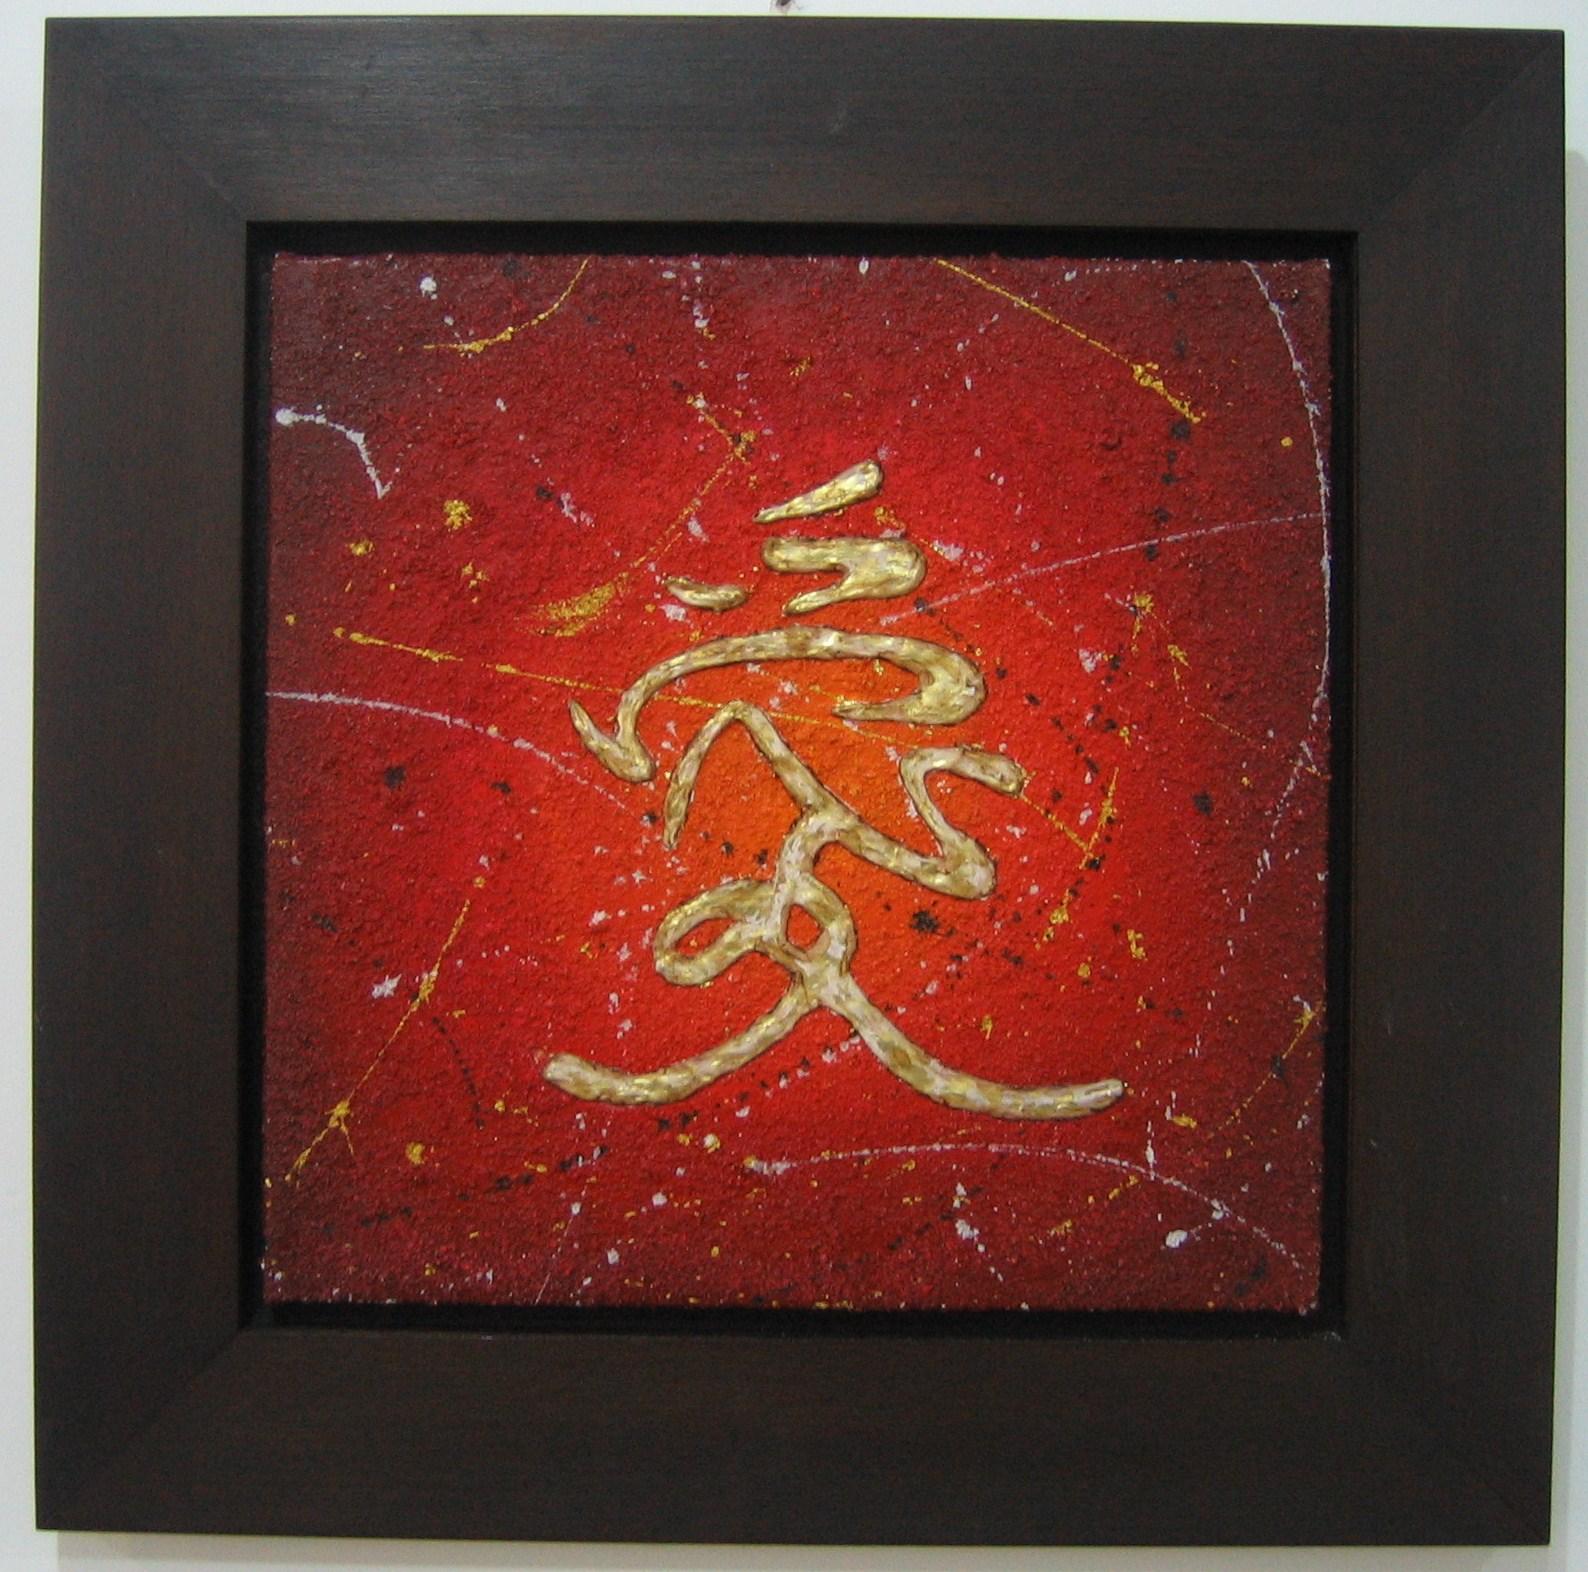 Cuadros con letras chinas - Imagui